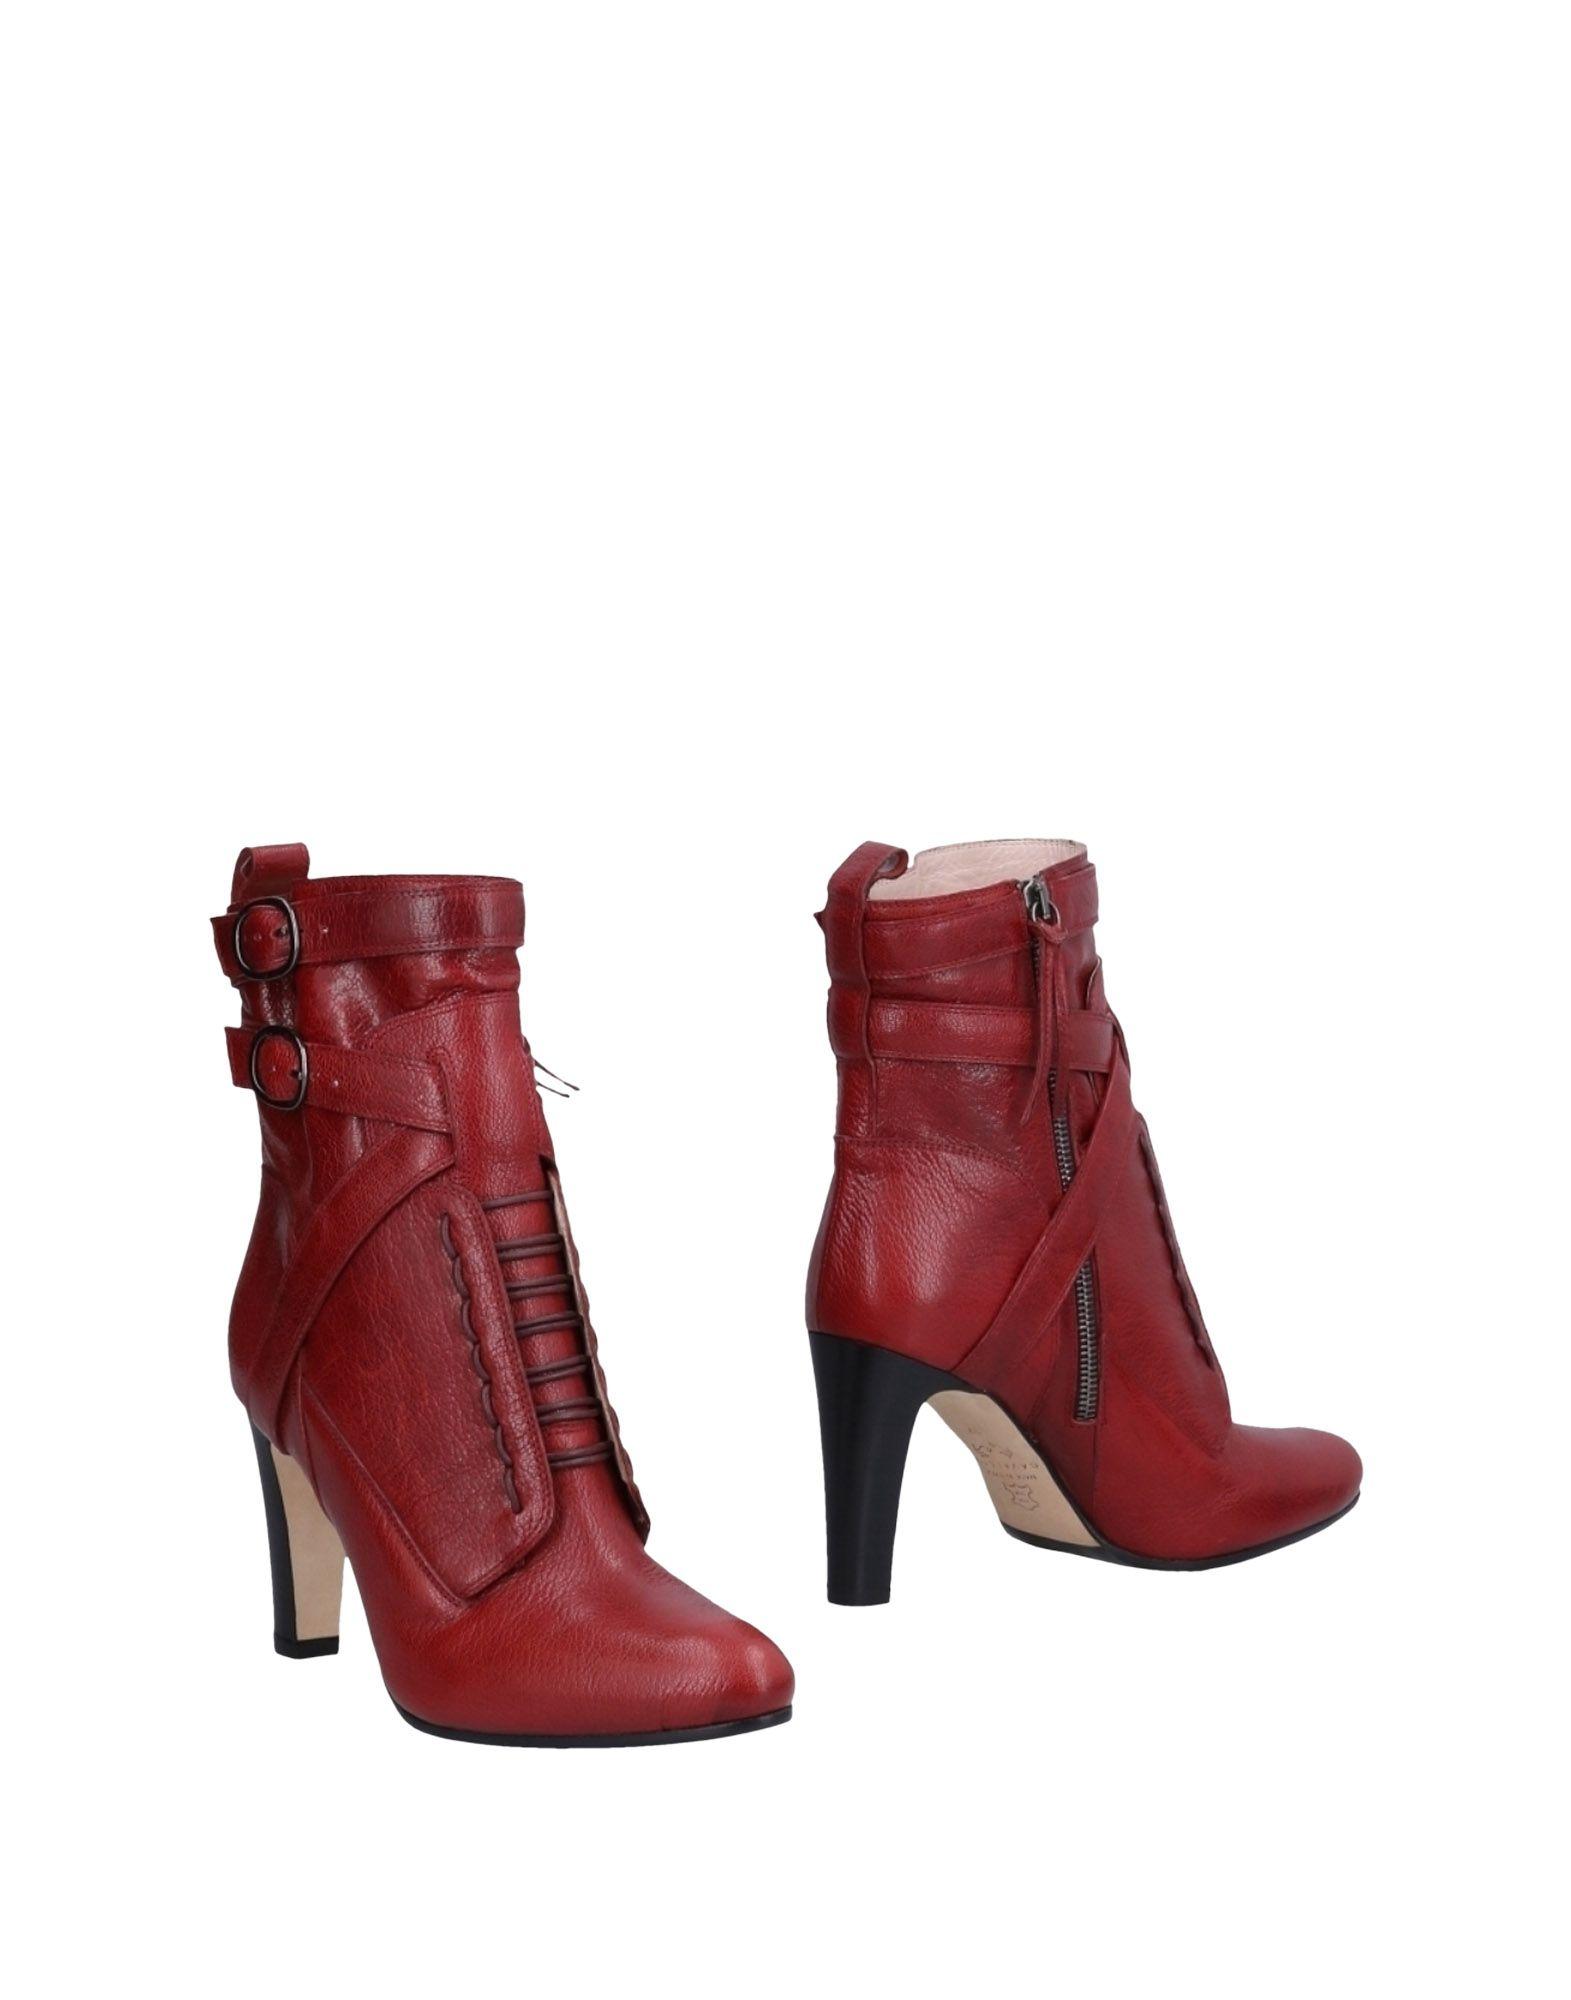 Scarpe economiche e resistenti Stivaletti Cavallini Donna - 11483649RG